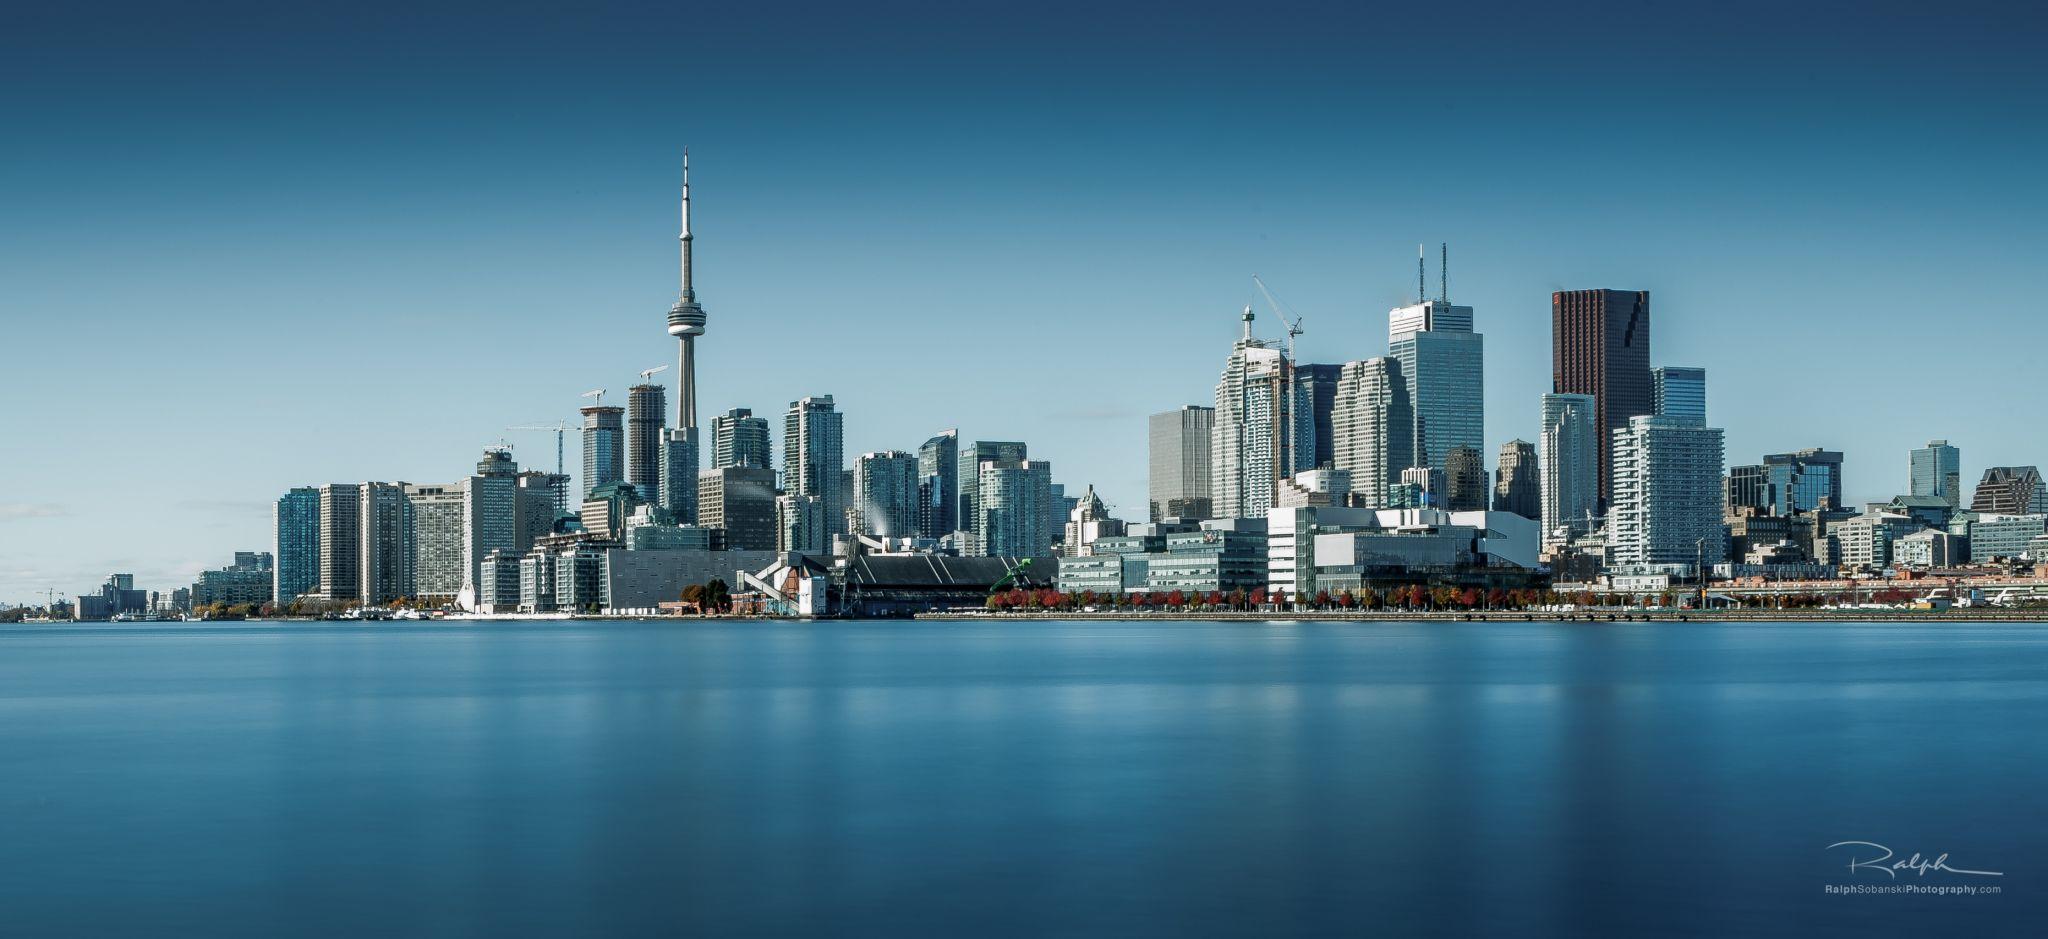 Toronto Polson Pier, Canada